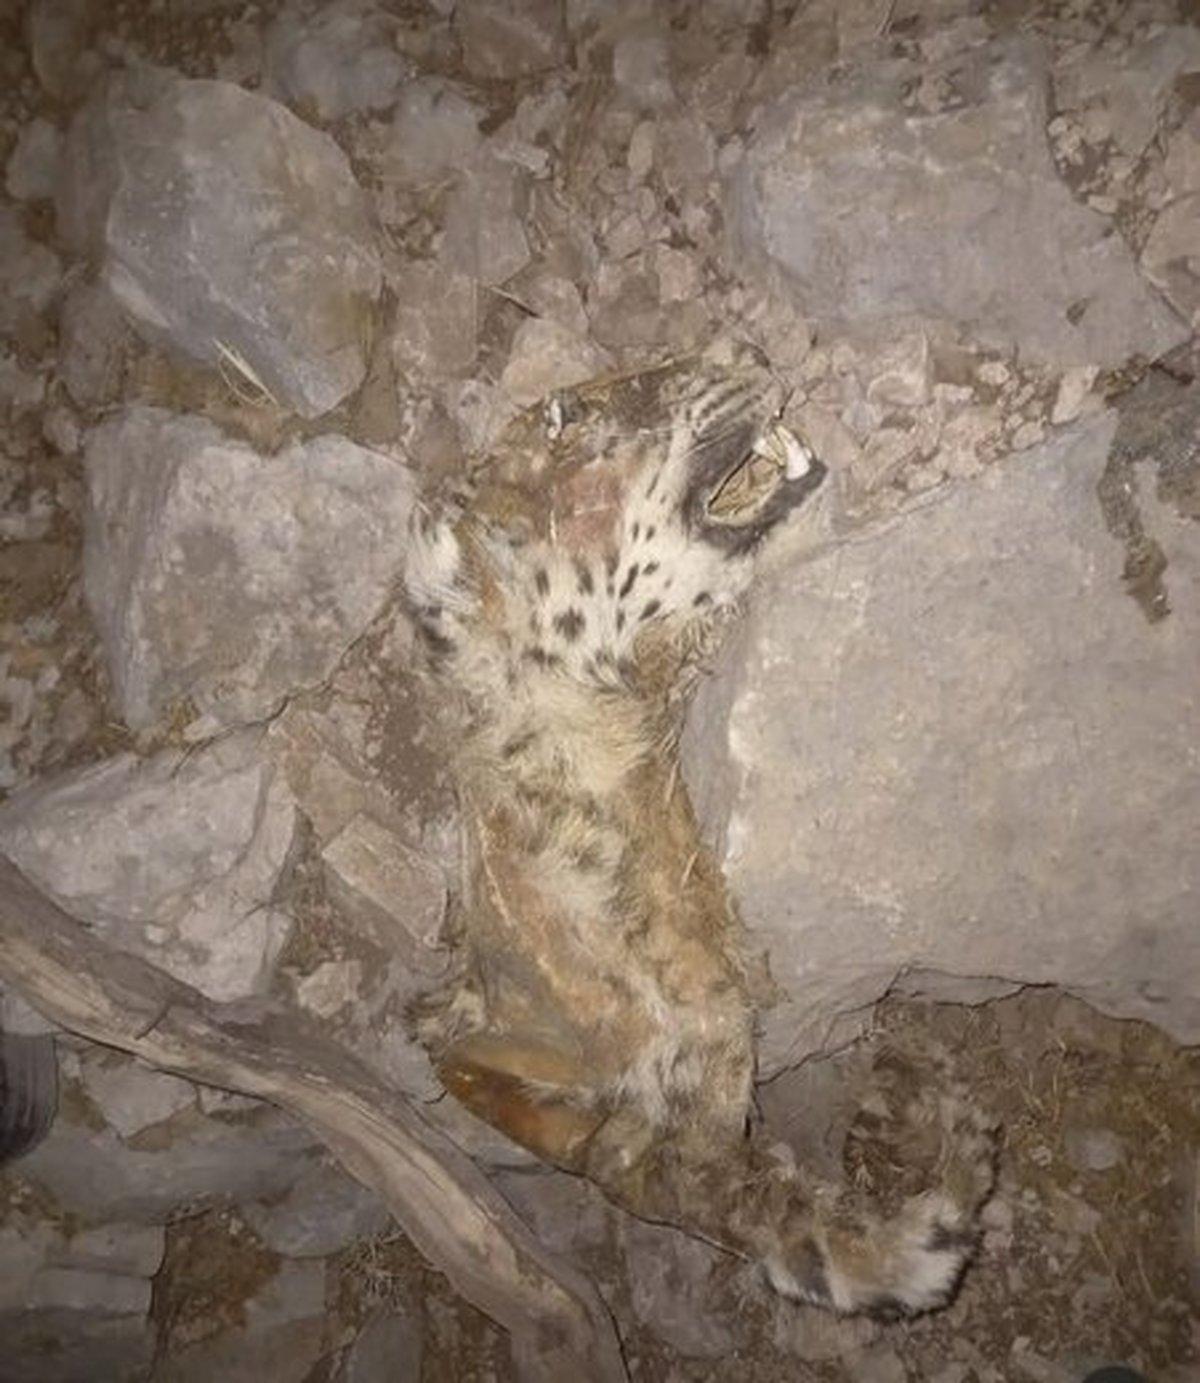 تصویردلخراش از لاشه یک قلاده پلنگ ایرانی  + عکس